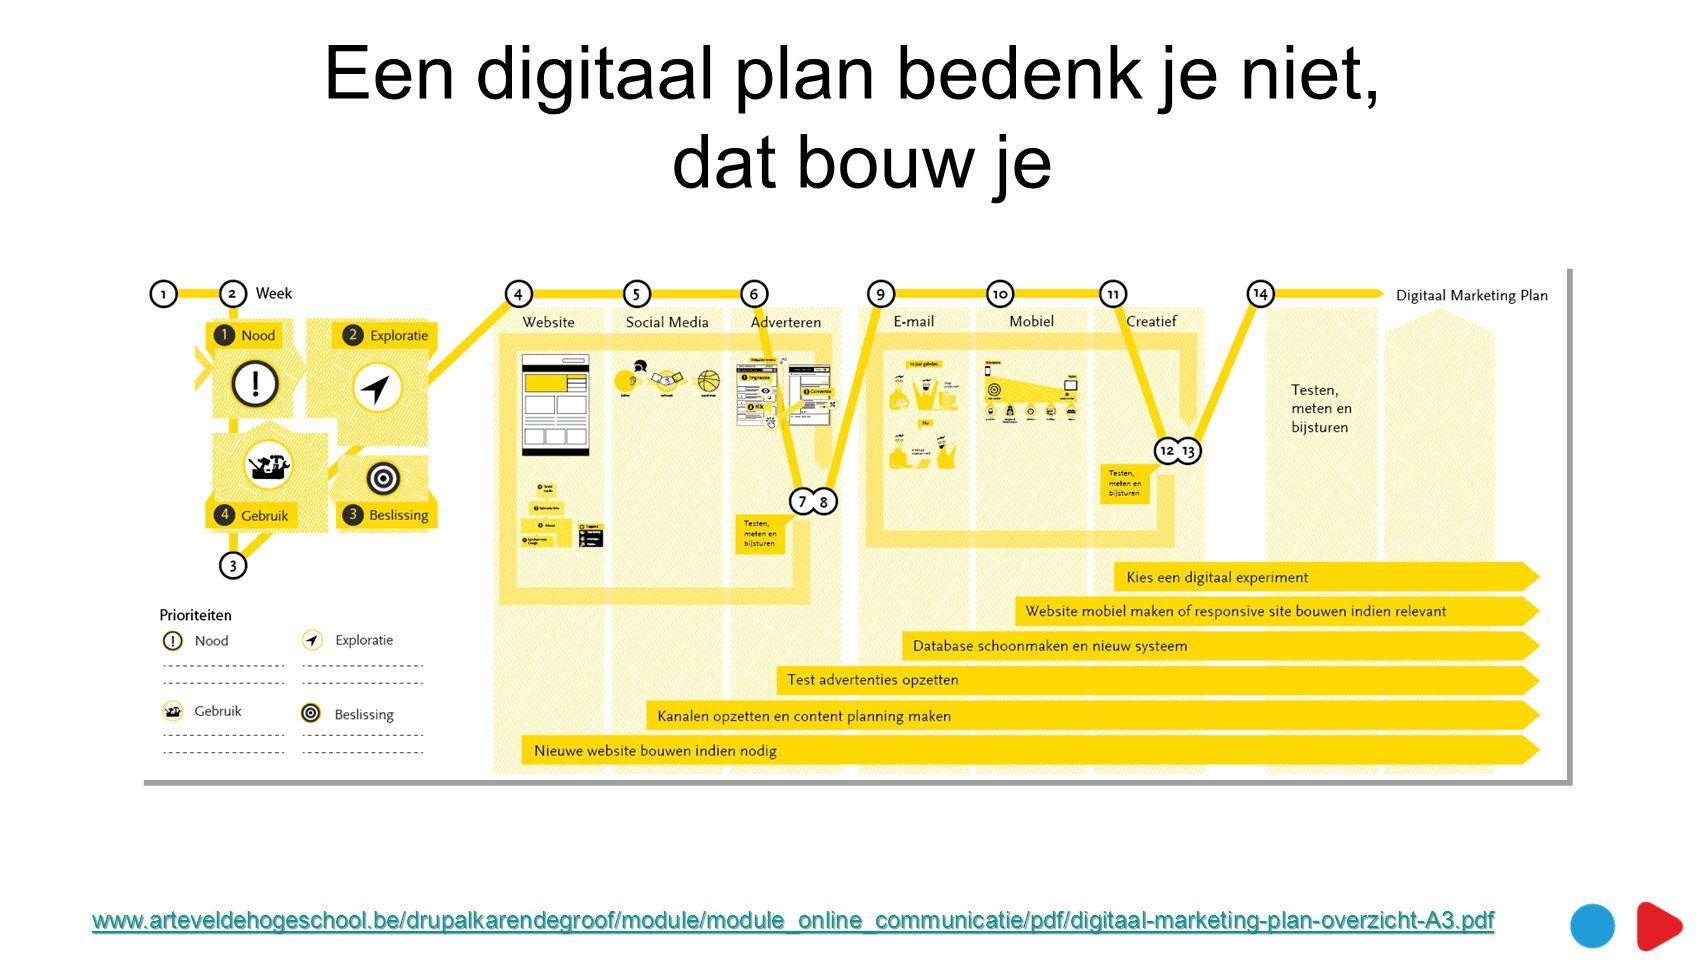 Een digitaal plan bedenk je niet, dat bouw je